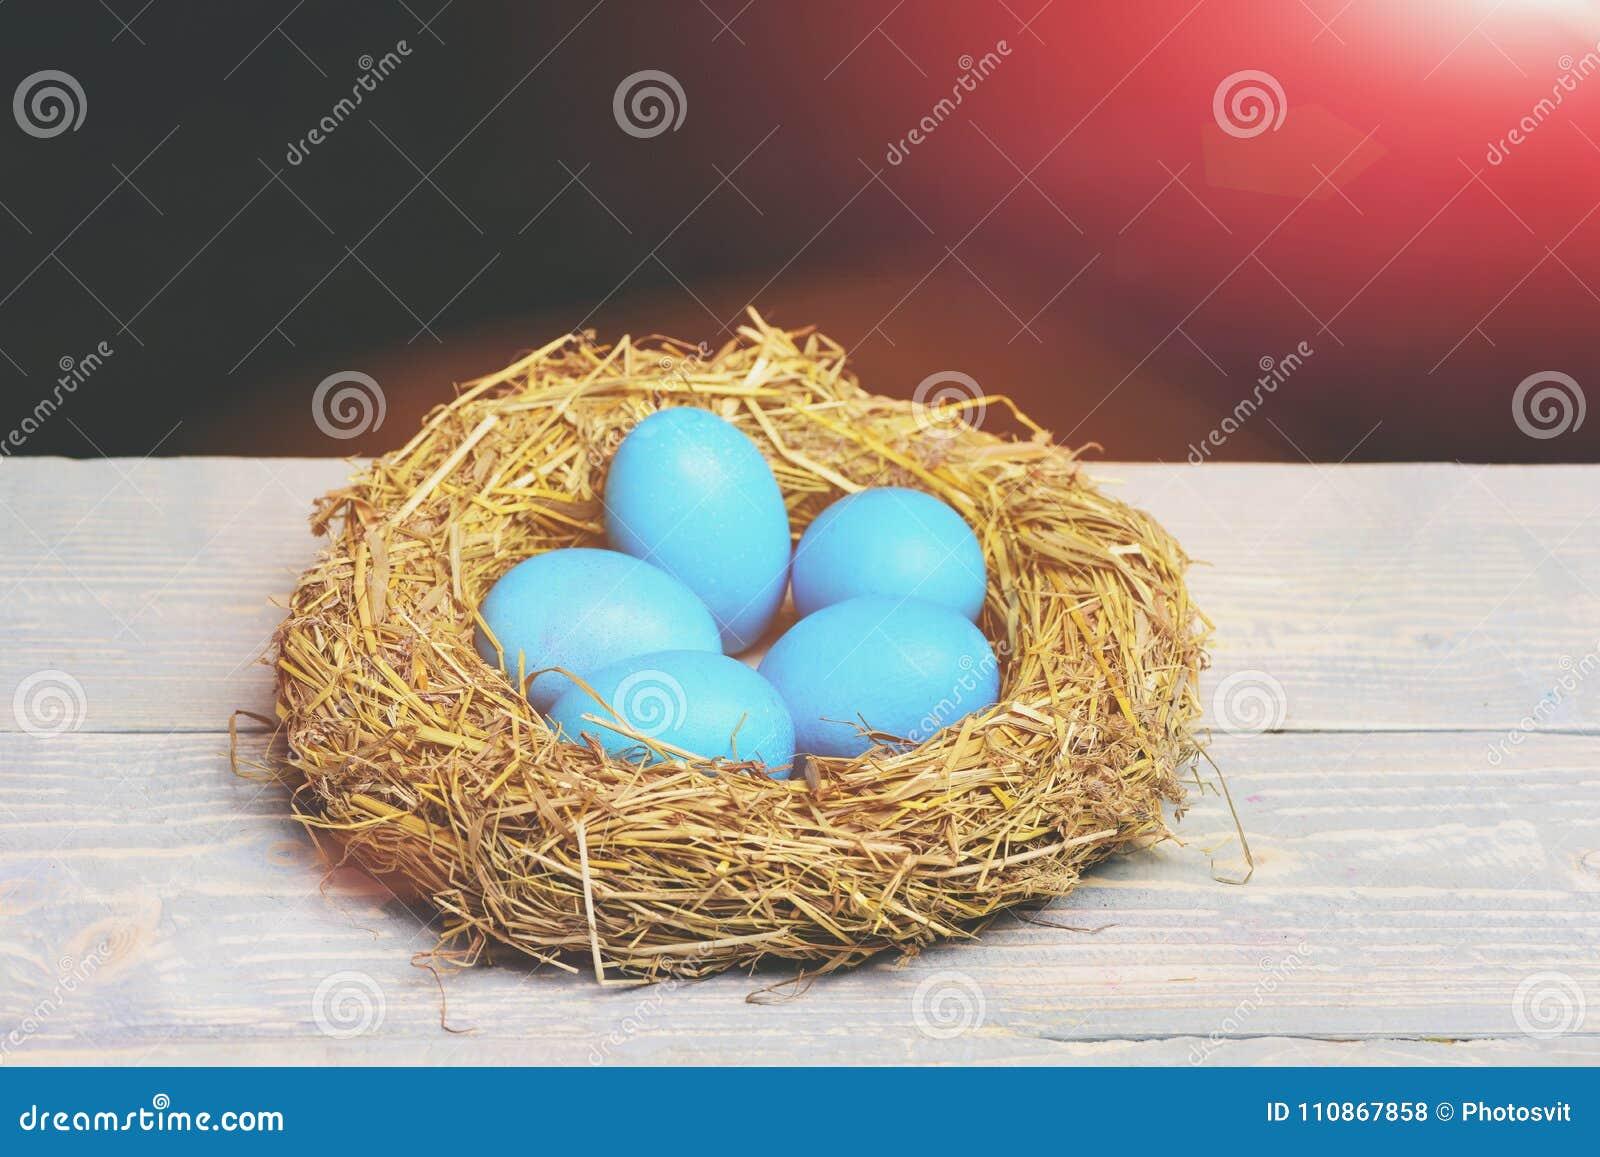 Gemalte Blaue Eier Ostern Im Vogel Nisten Auf Schwarzem Hintergrund